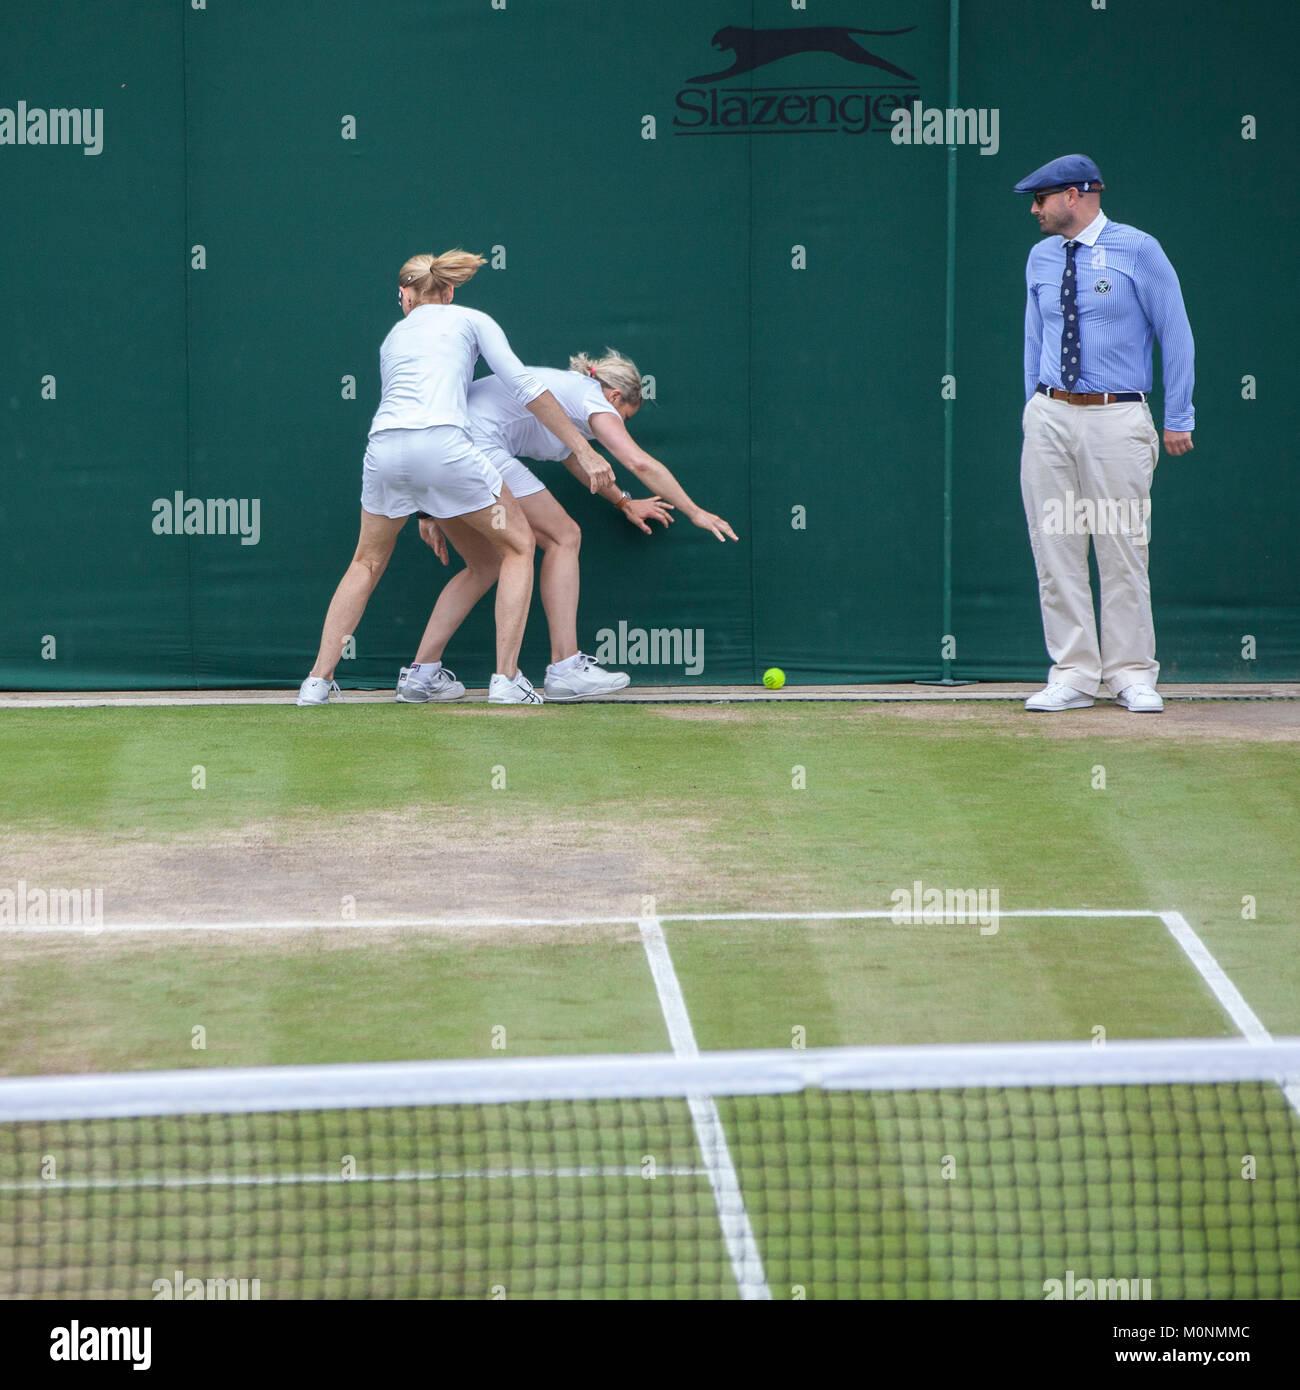 Wimbledon 2017 señoras invitational doble diversión en corte Imagen De Stock